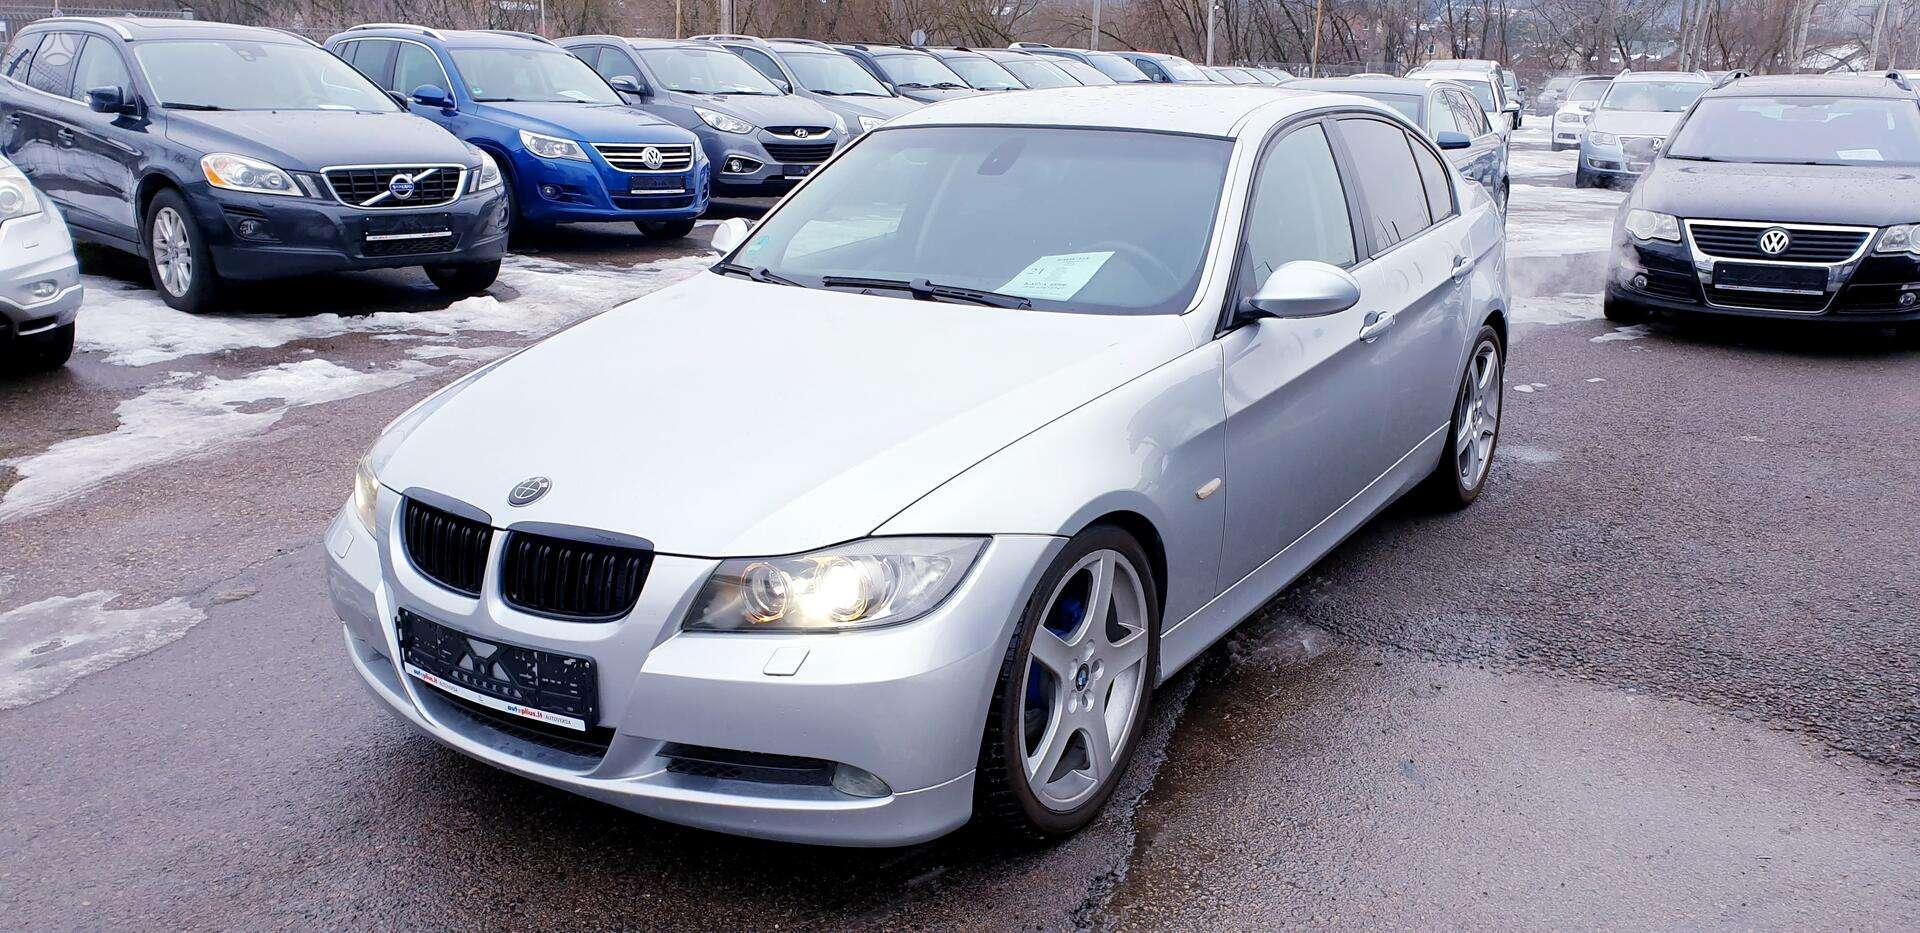 BMW 325i E90✅ 2005 m. ✅2.5 (160kW) Benzinas✅